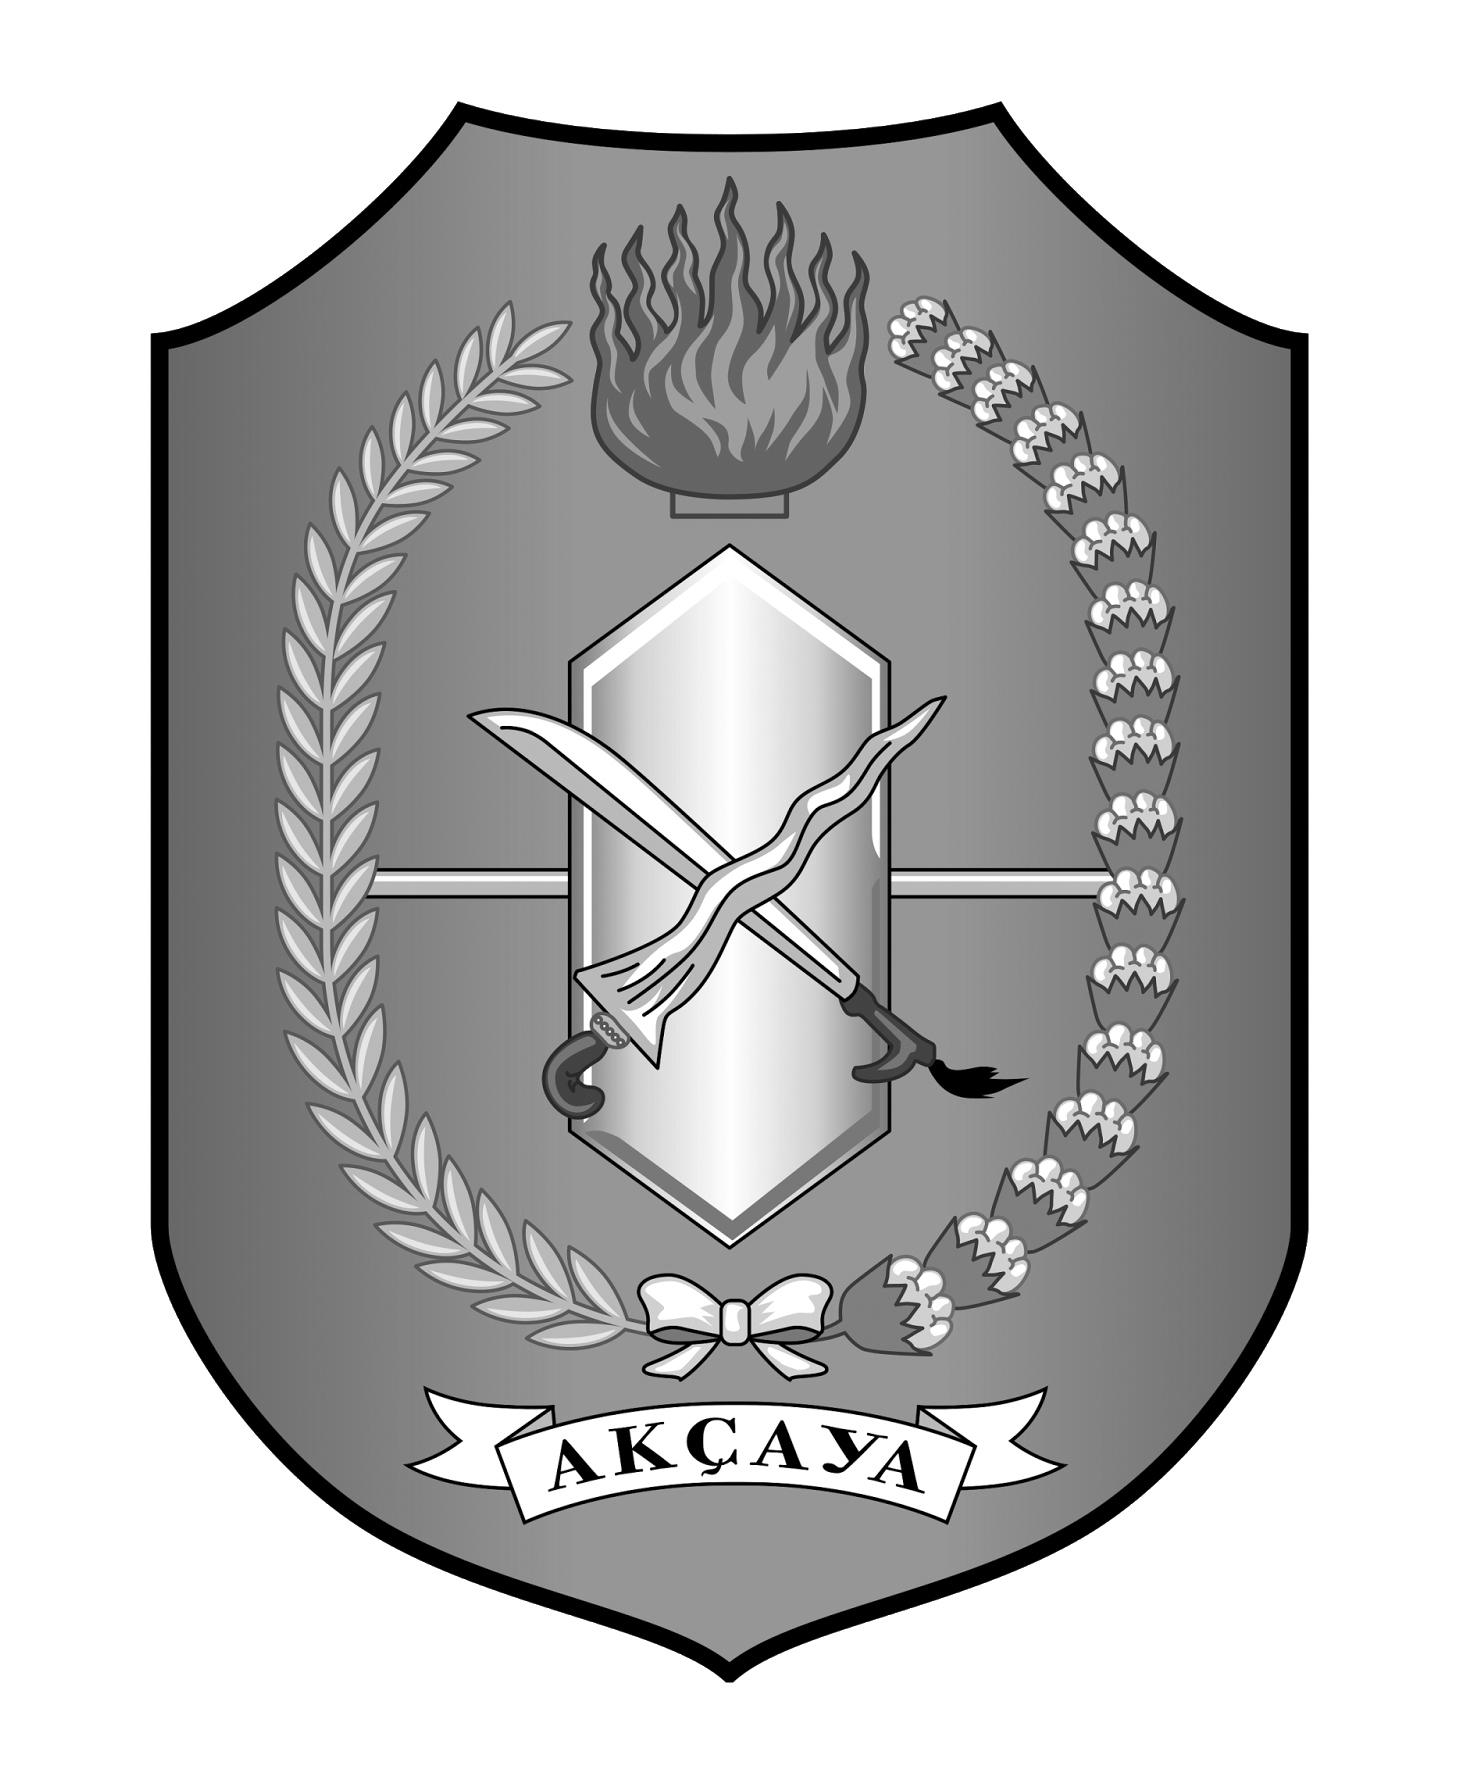 Logo Kalimantan Barat (Provinsi Kalimantan Barat) Grayscale